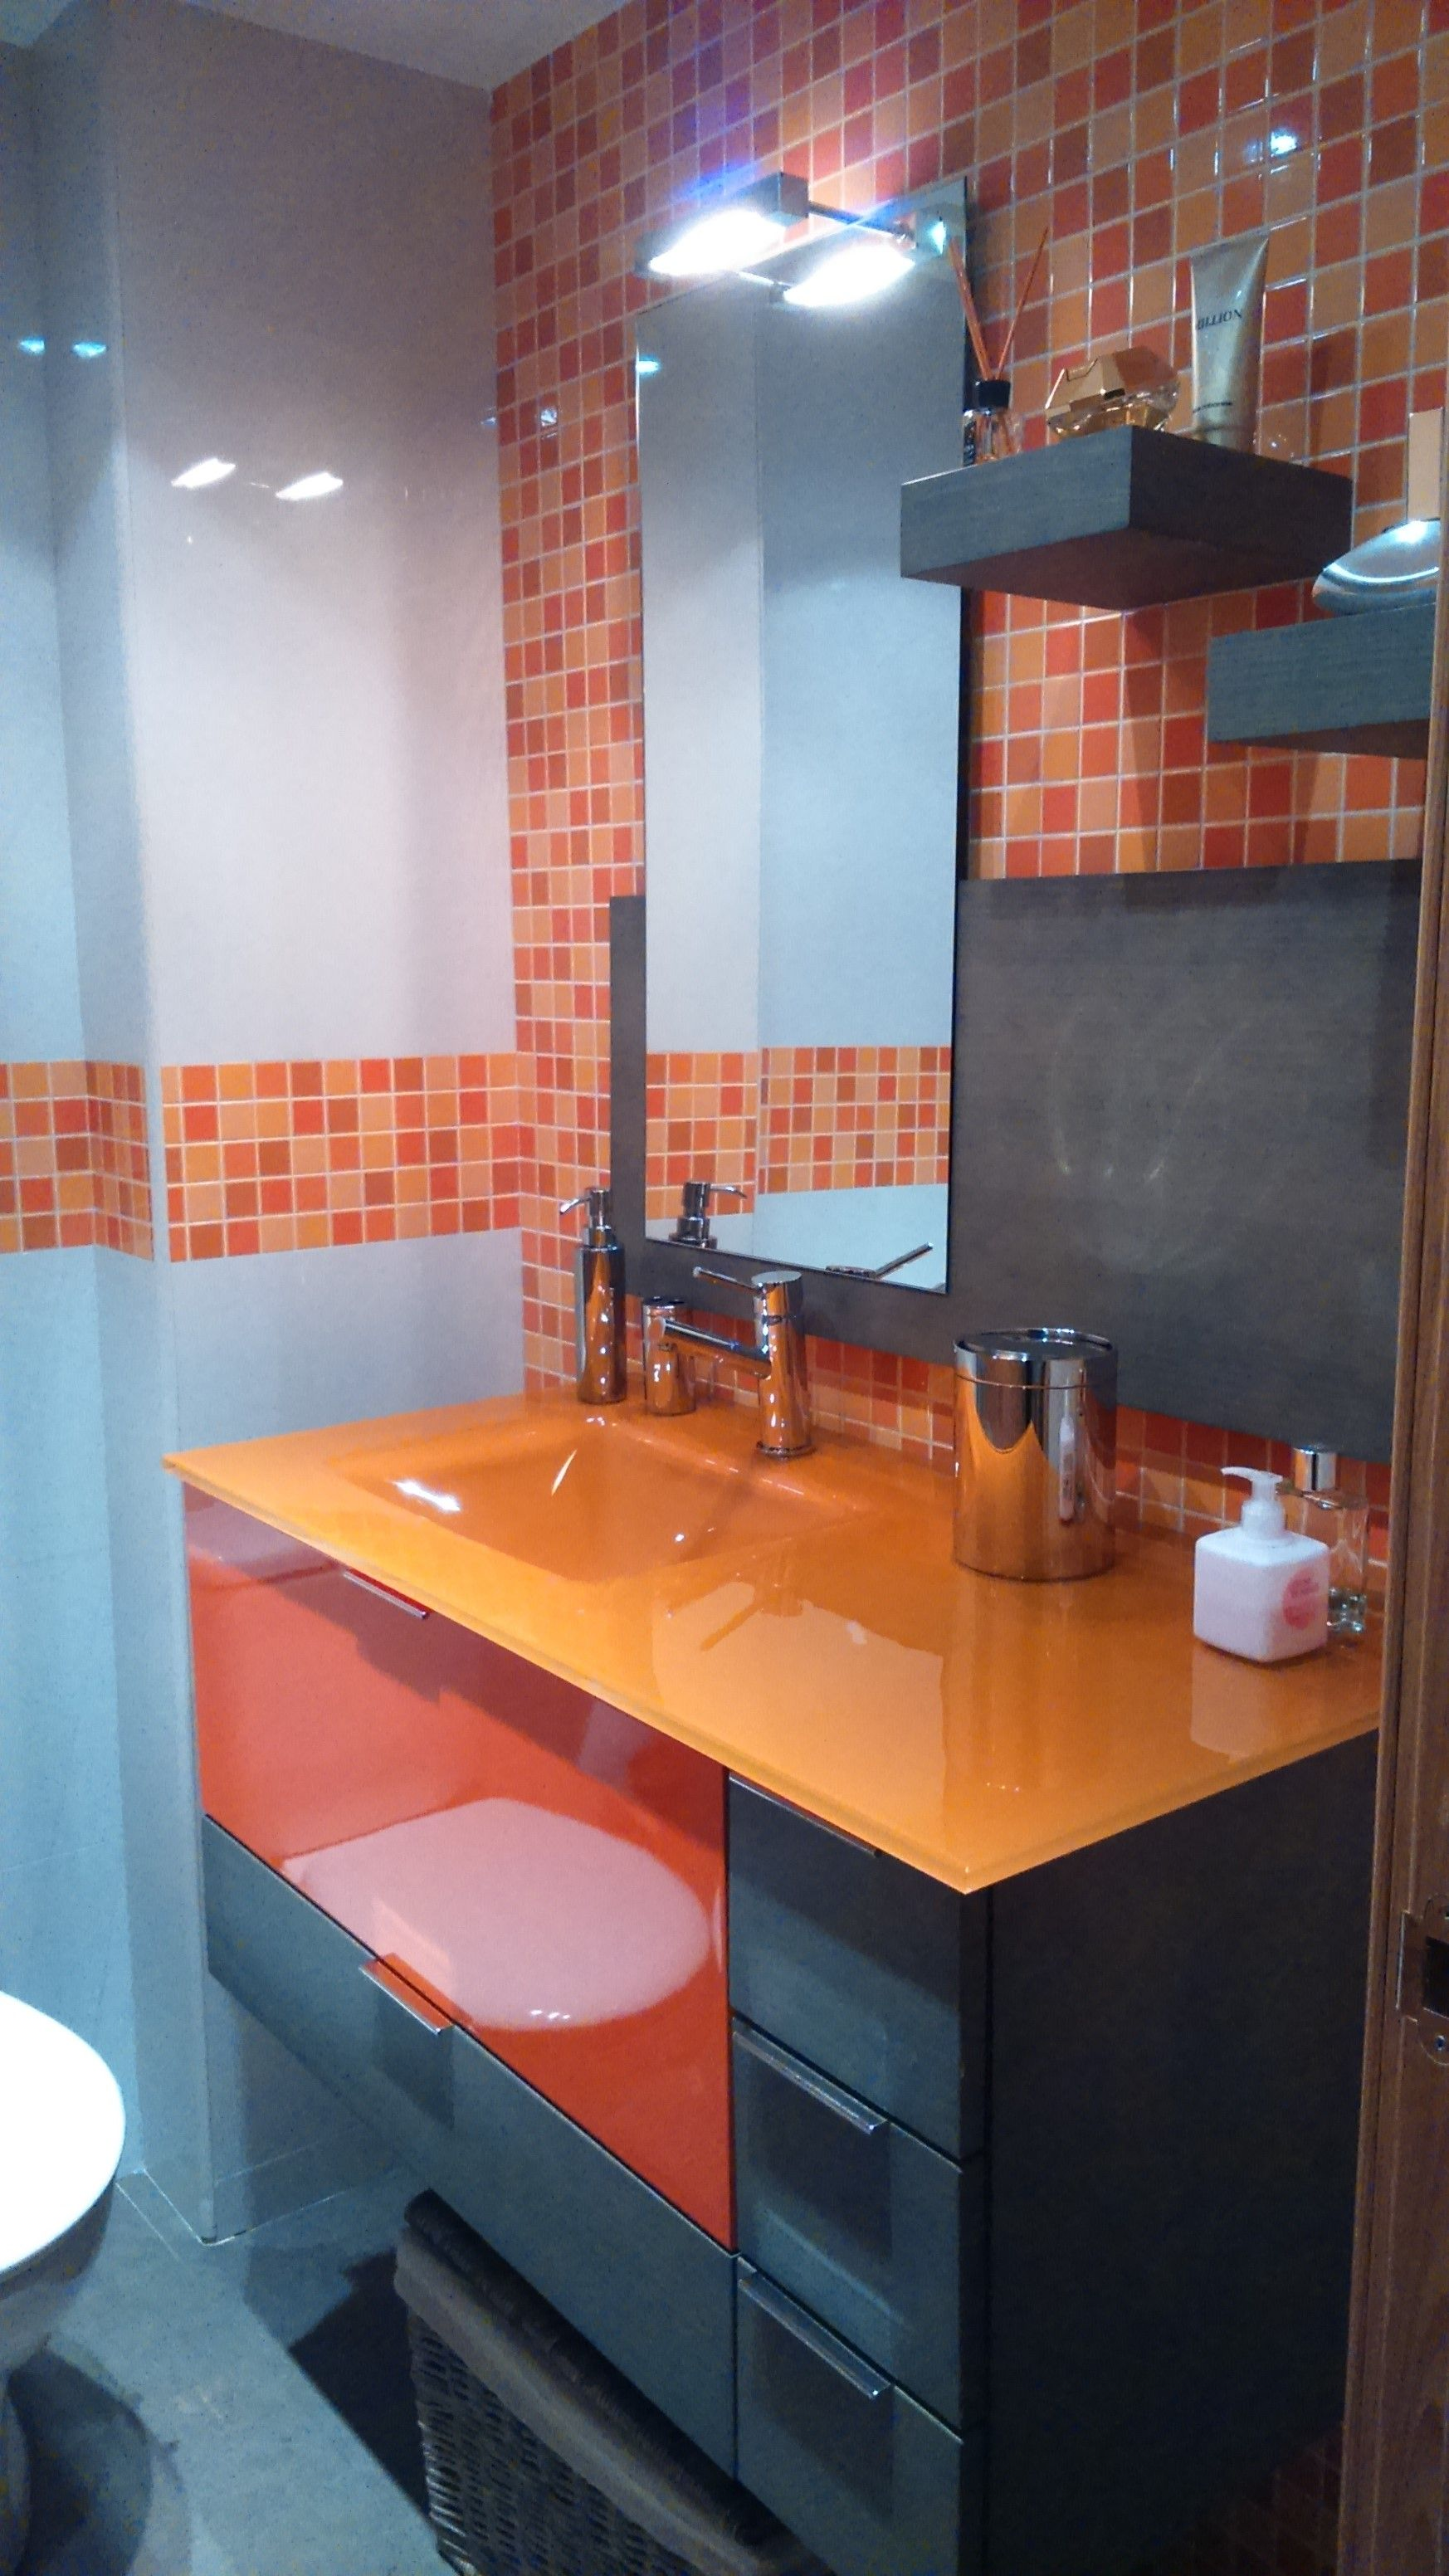 Muebles de cocina y baños: Servicios de Muebles y Reformas Excot